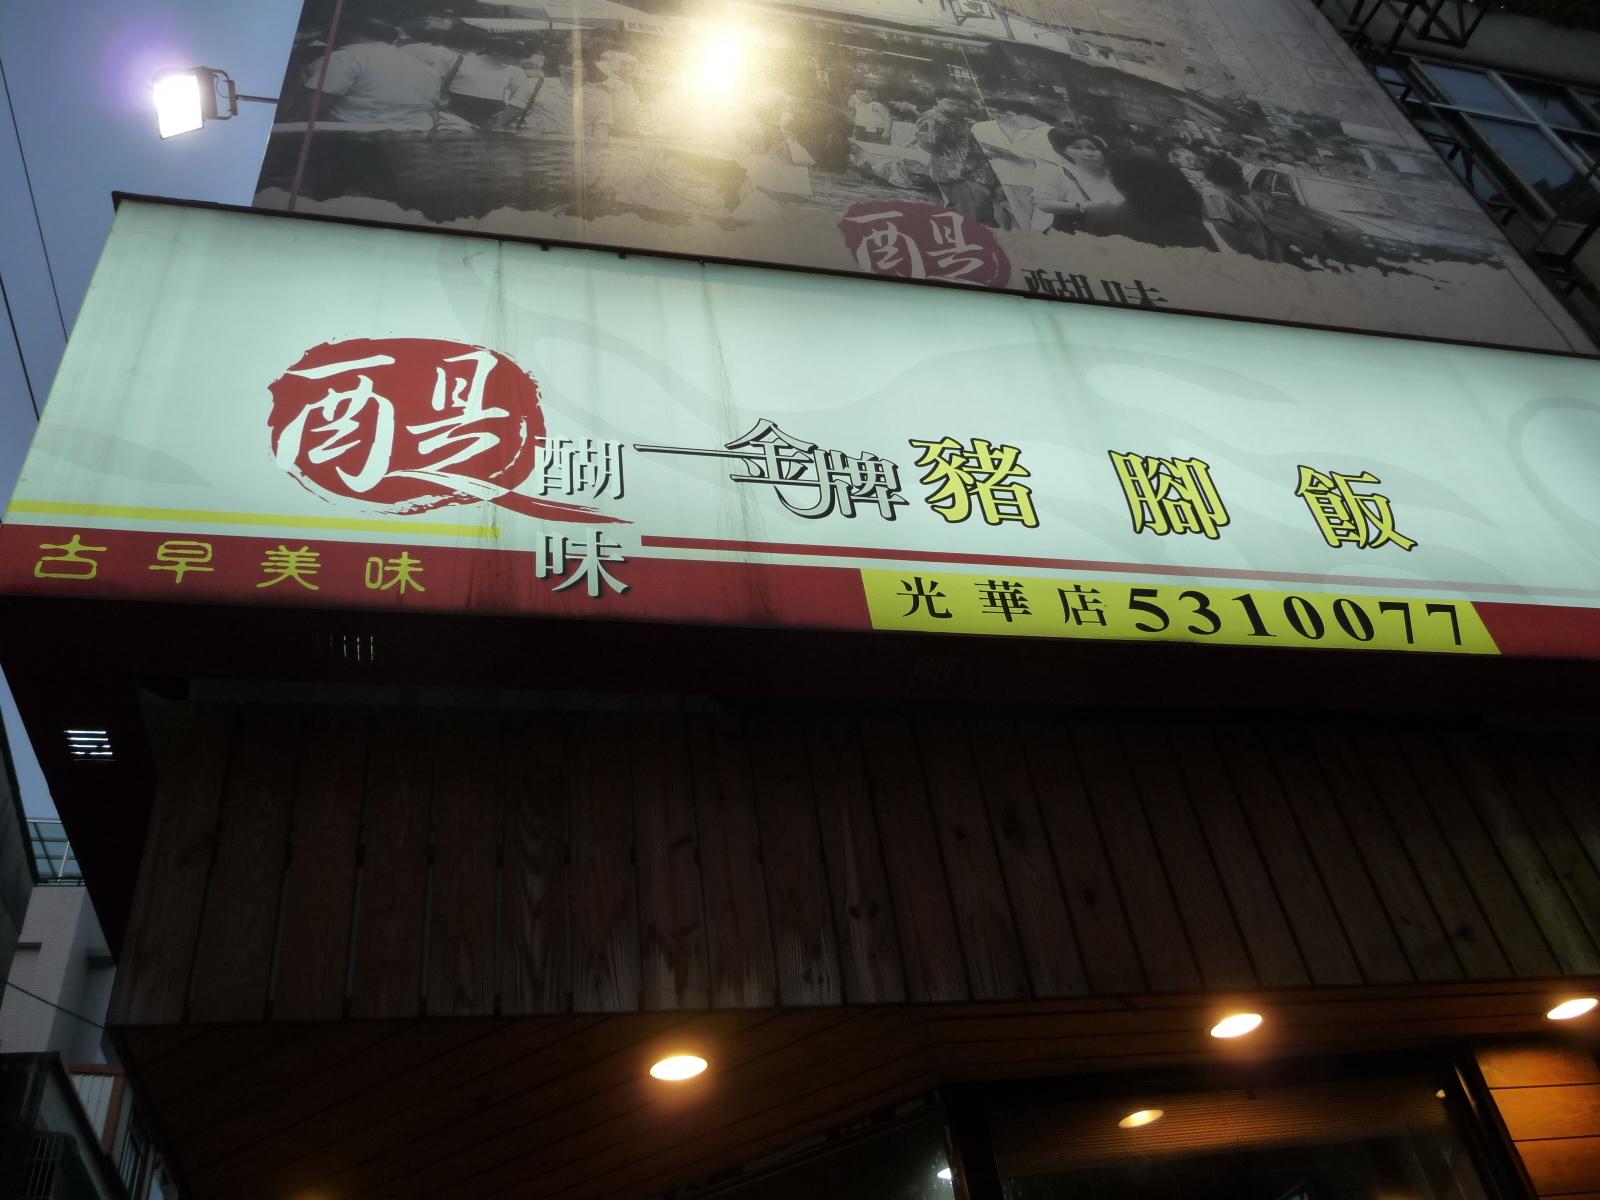 知識就是力量: 新竹市醍醐味金牌豬腳飯